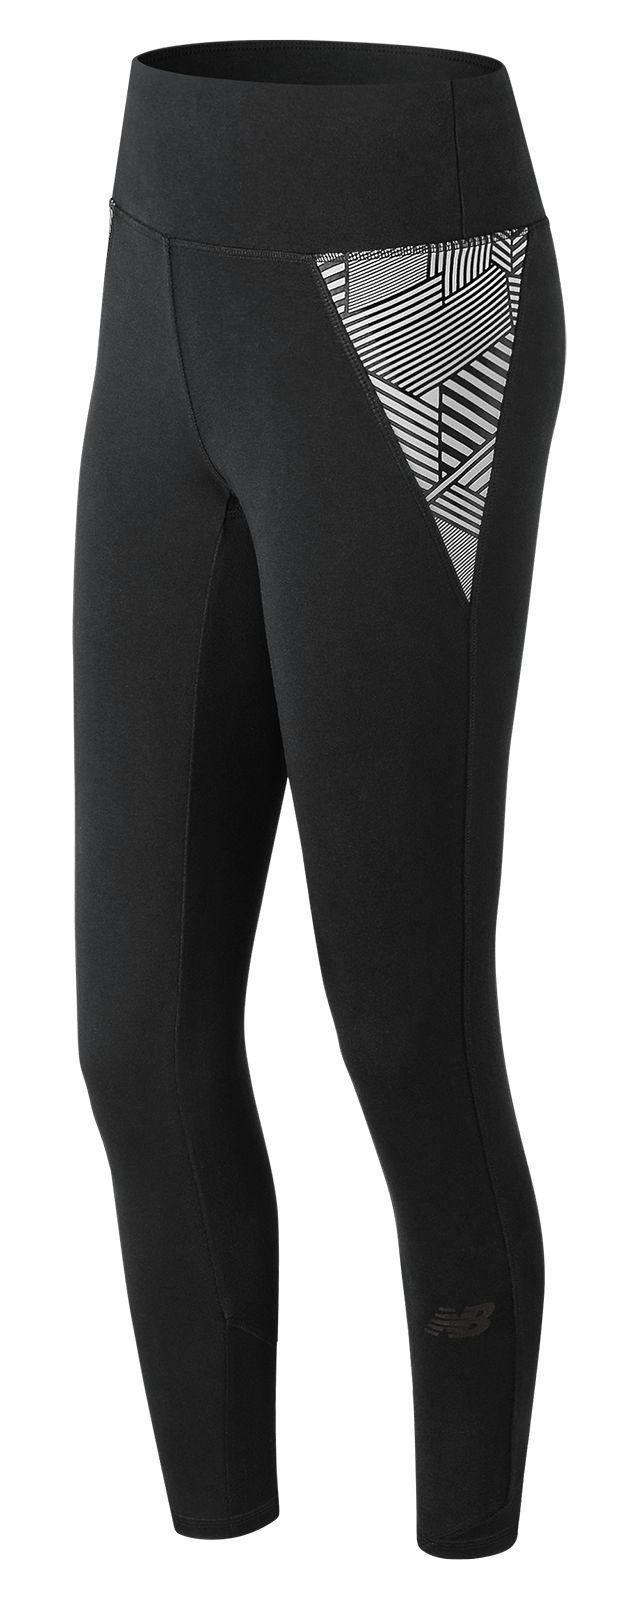 Women's 247 Sport Legging